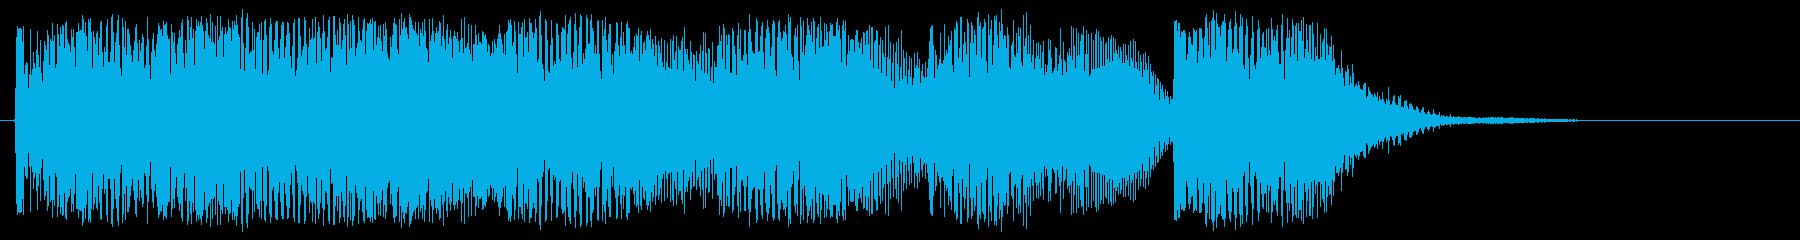 ノリの良い場面転換 サイバーなジングルの再生済みの波形